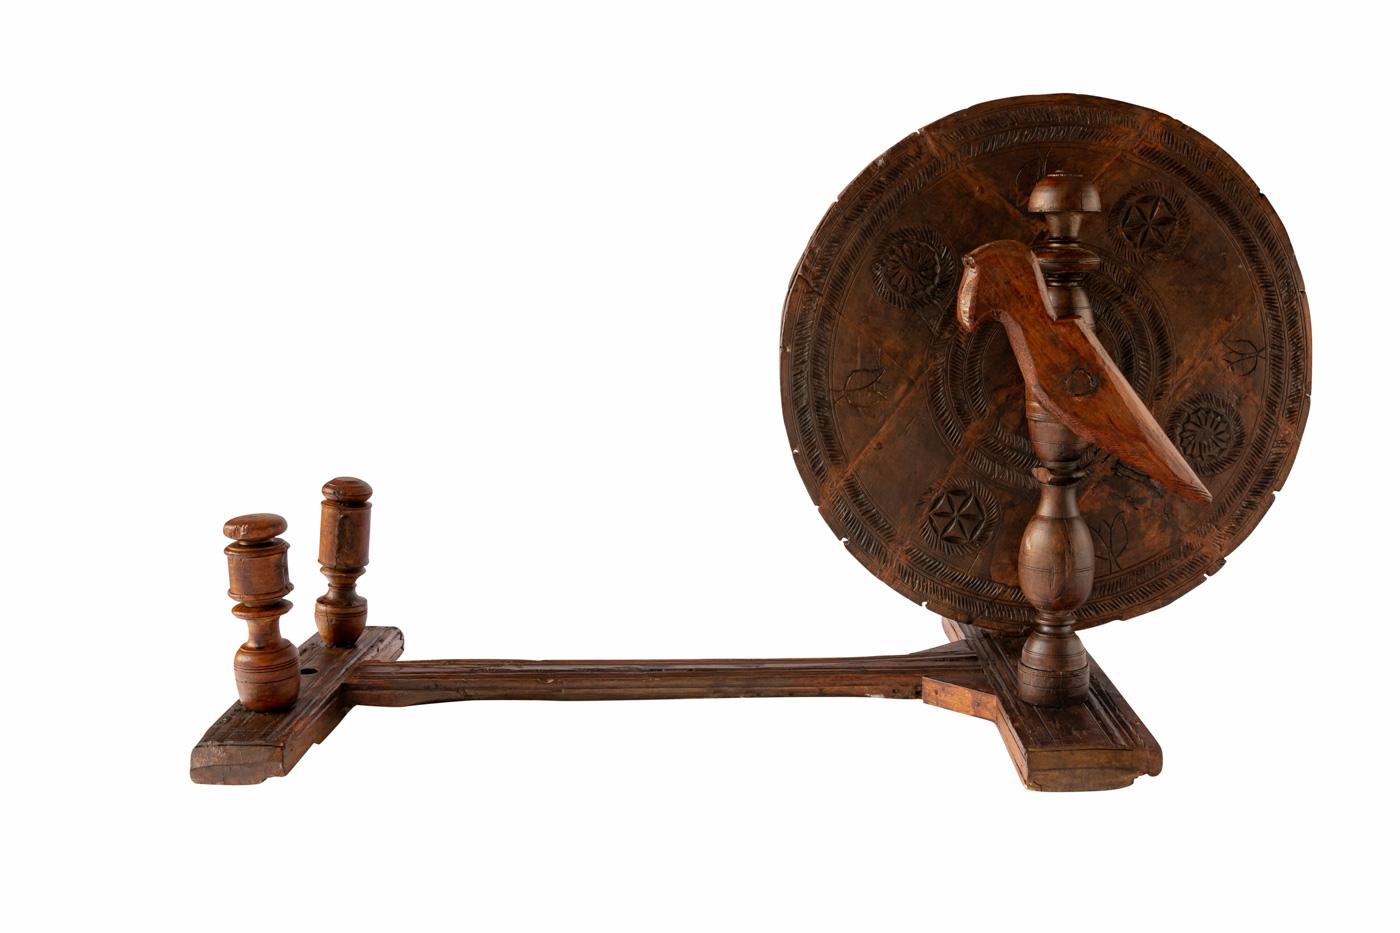 Rueda de hilar tradicional de la india en madera, Charkha